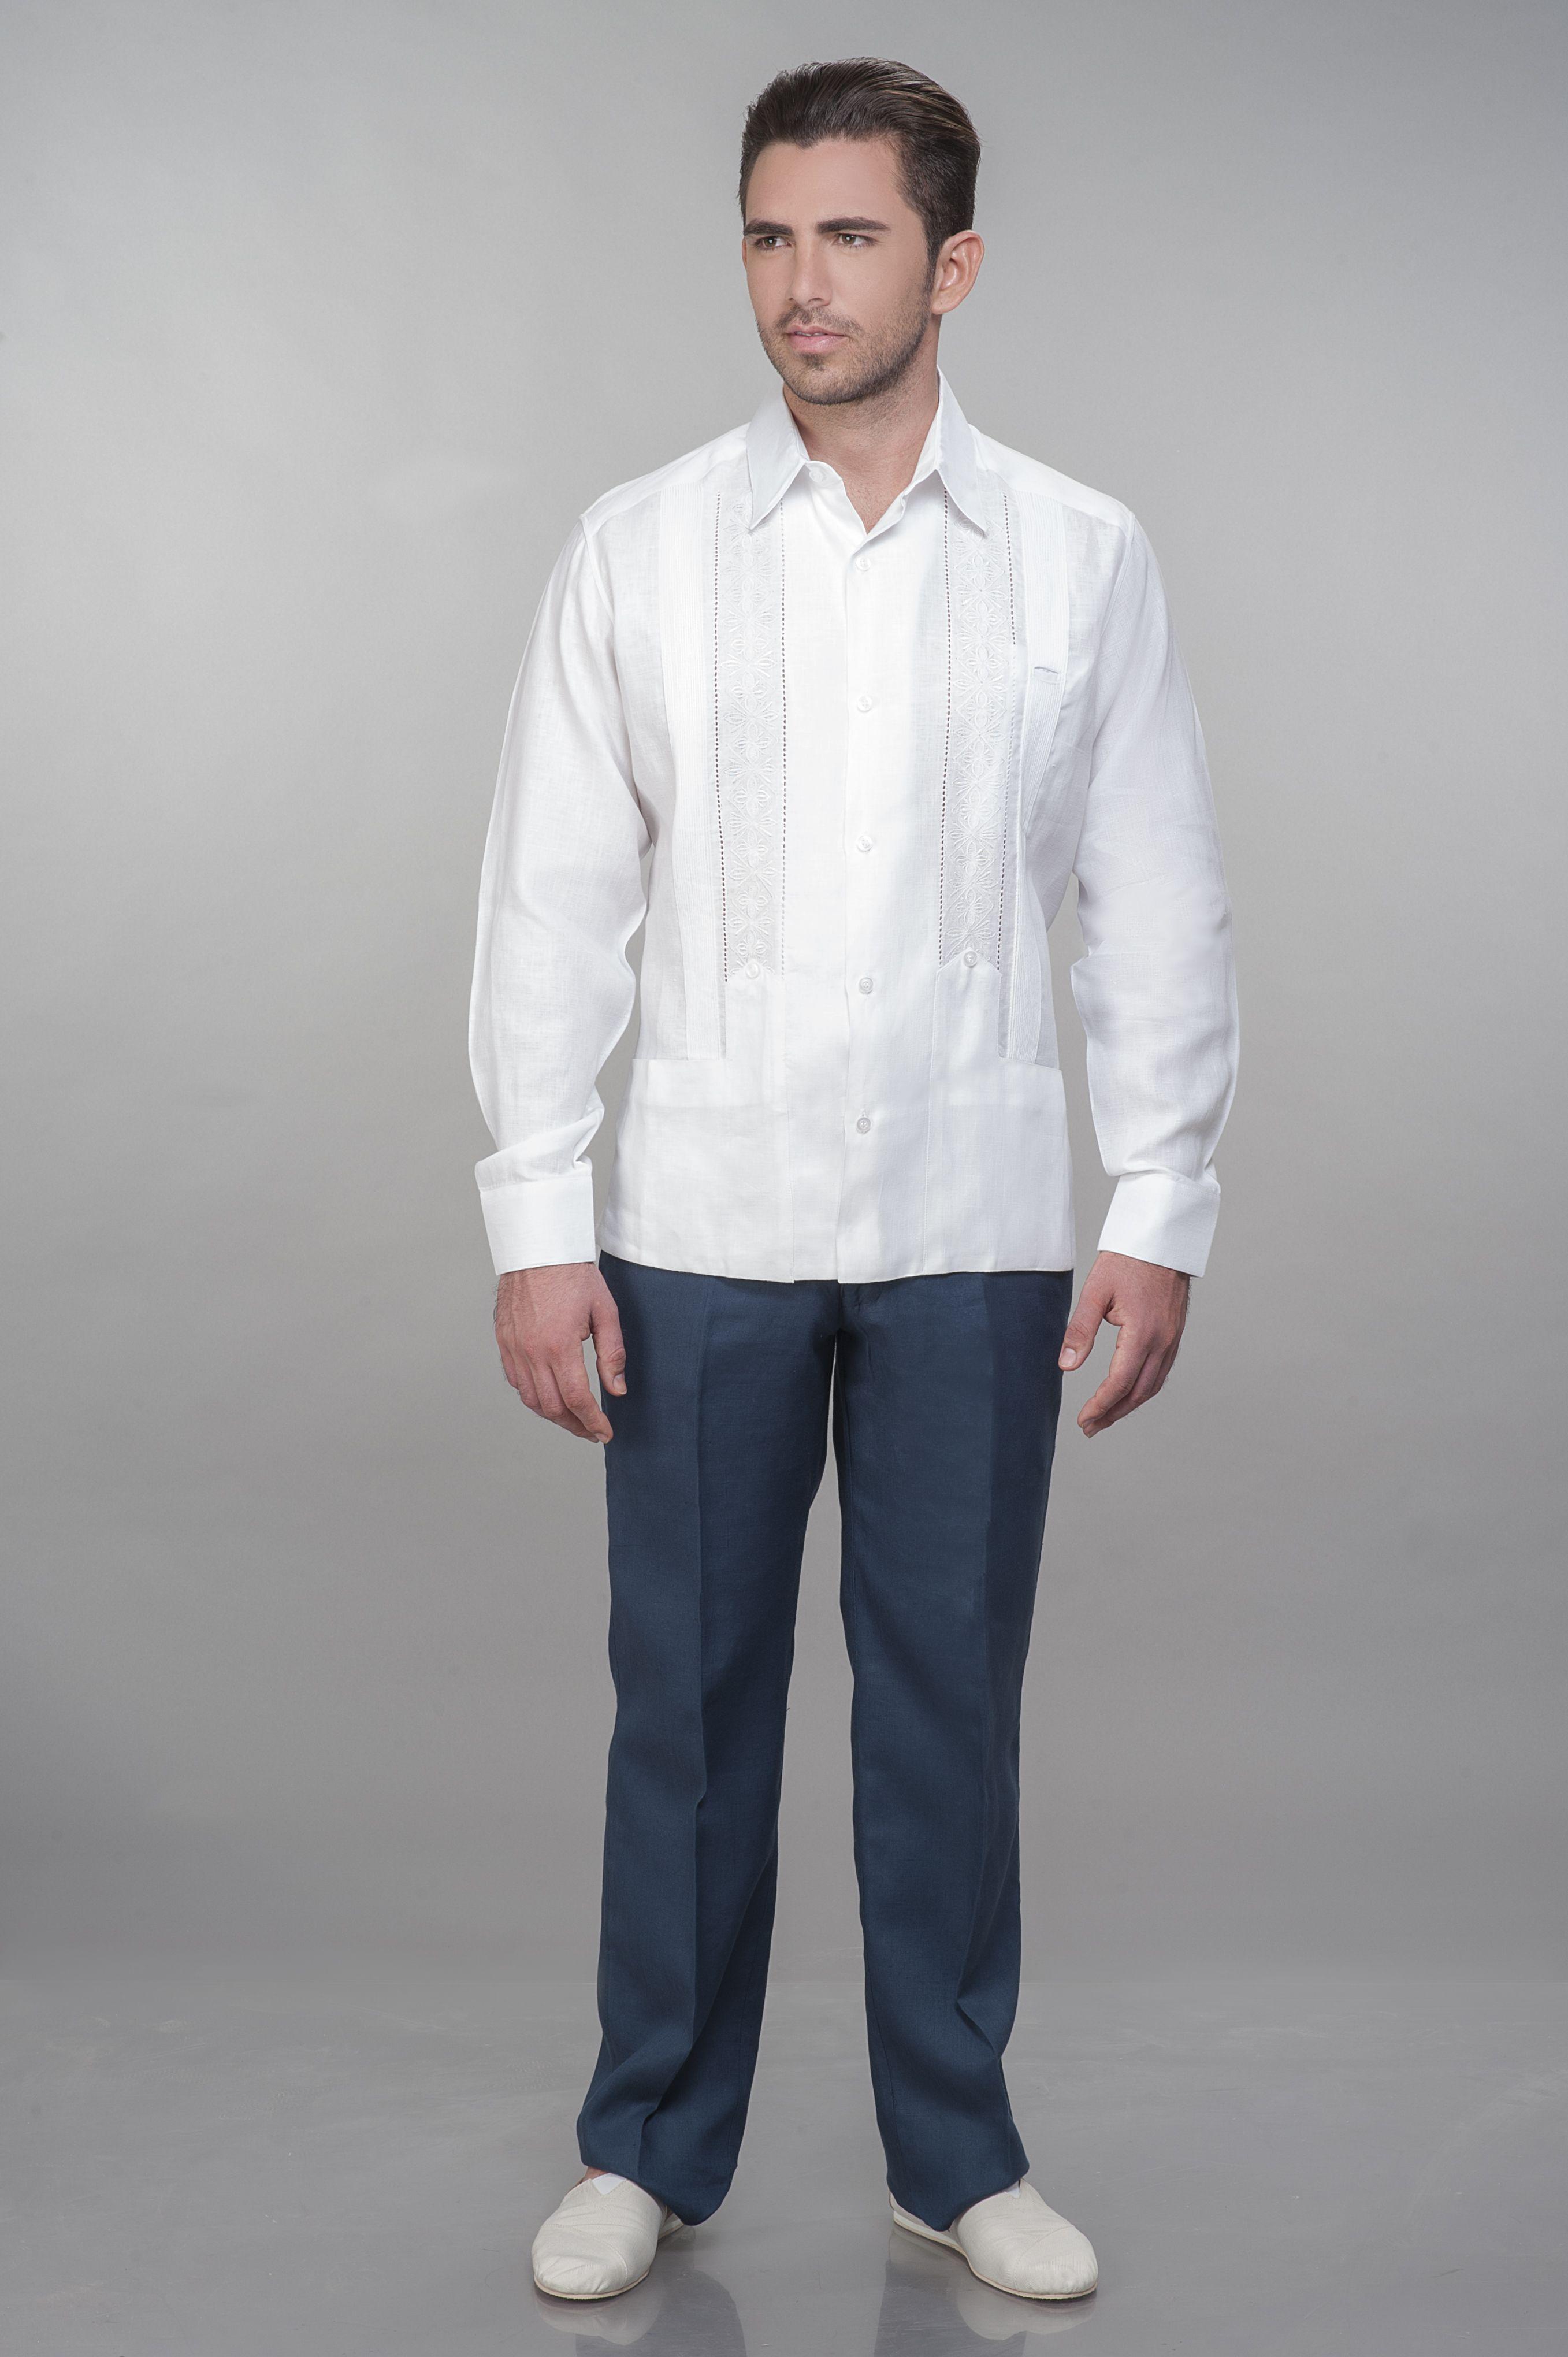 gran inventario nueva lanzamiento precios increibles Guayabera de lino blanco, manga larga, pantalón de lino azul ...